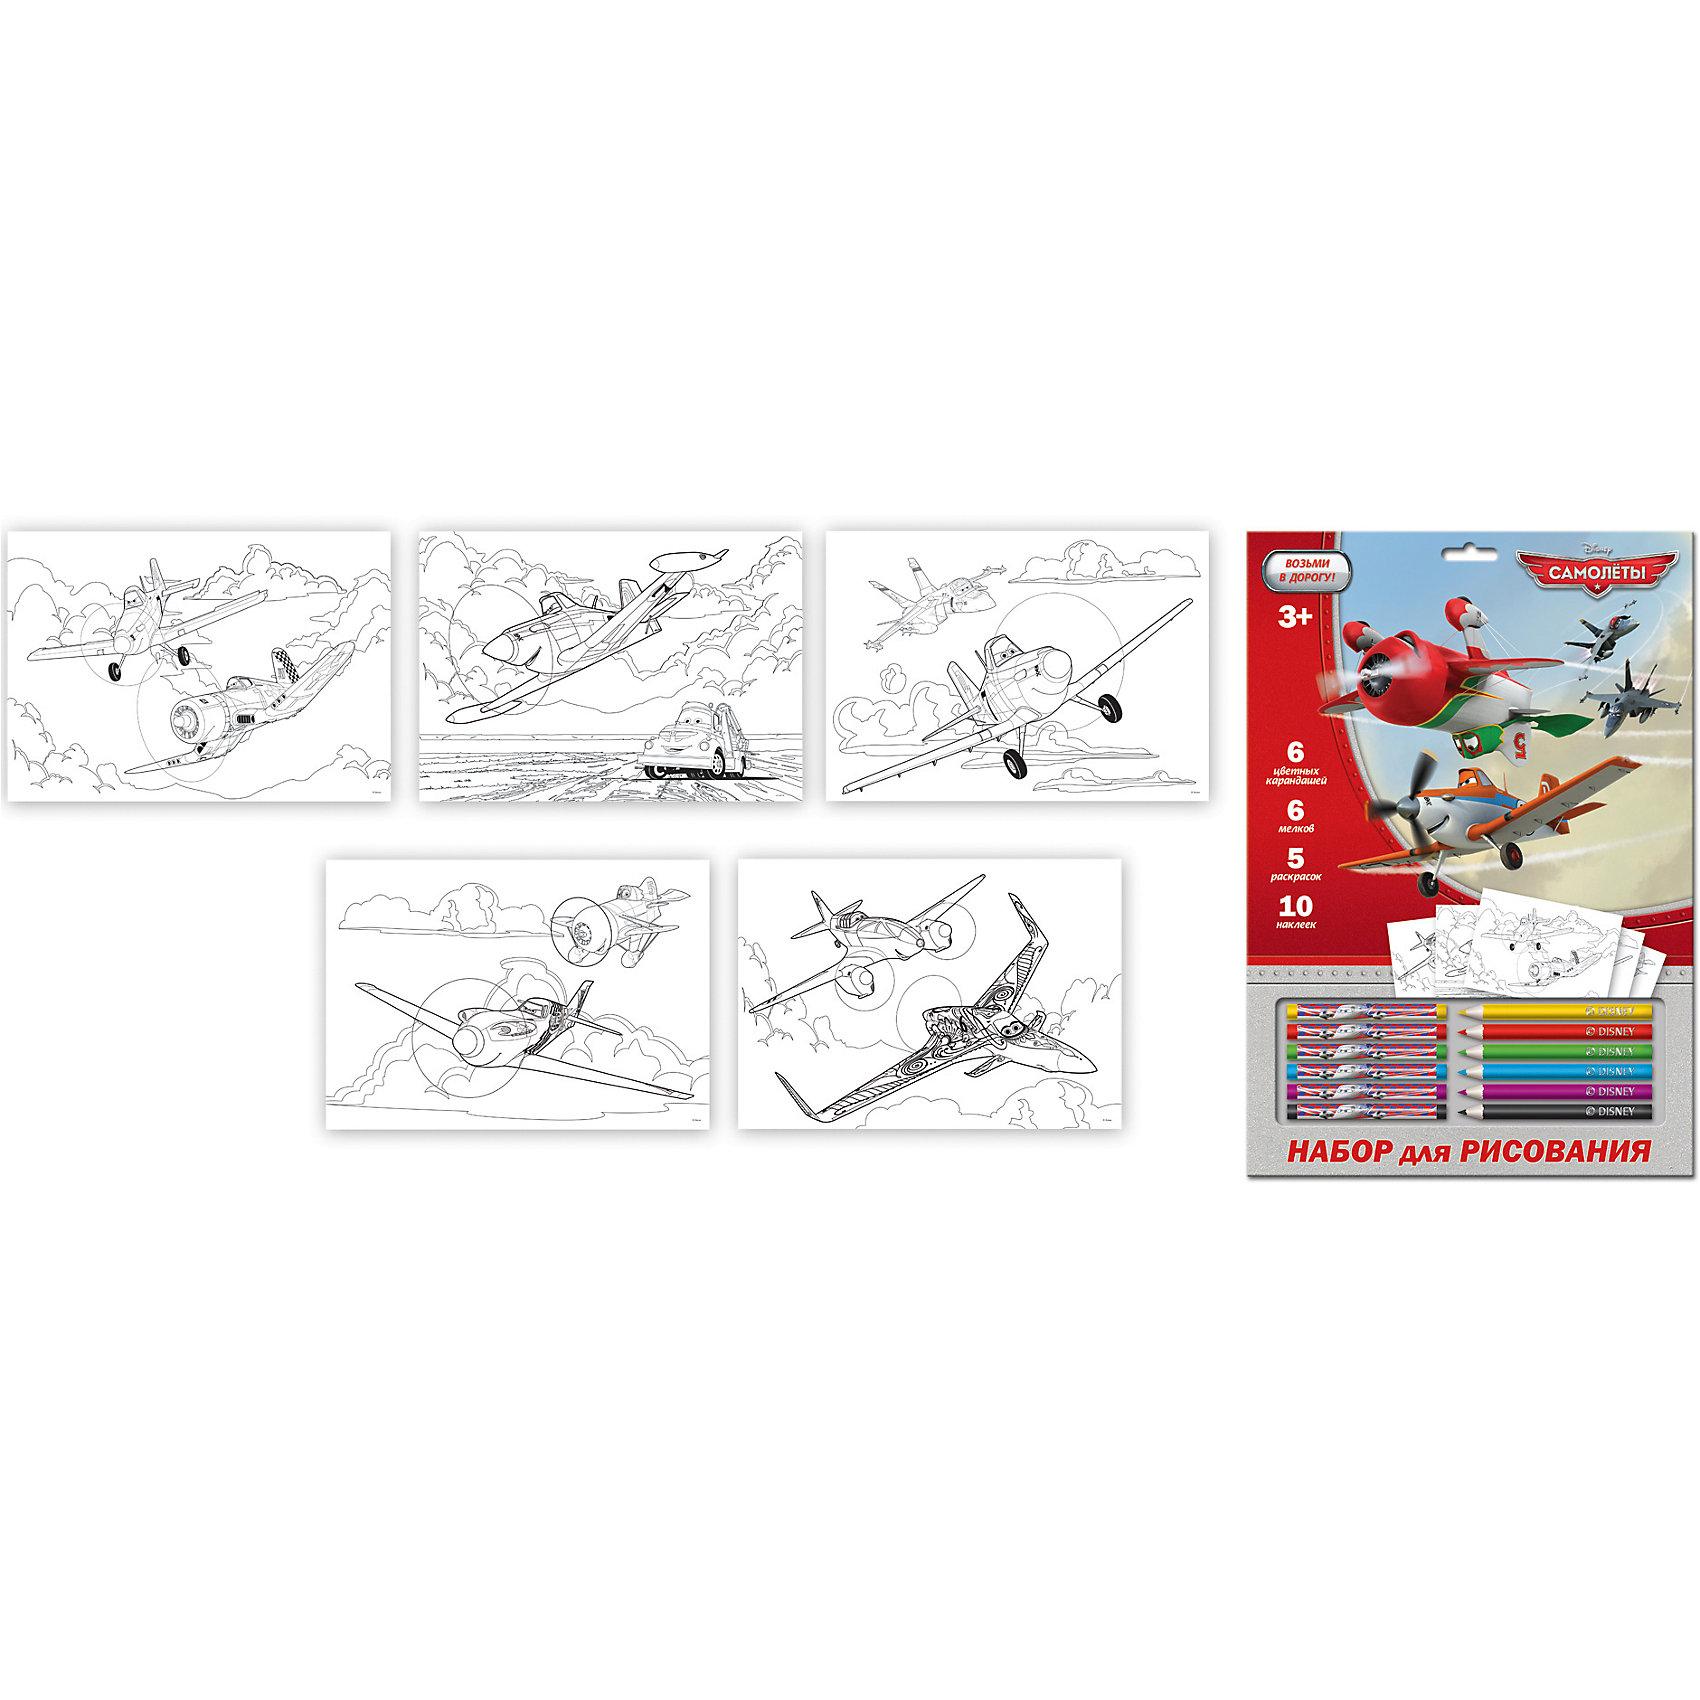 Набор для рисования Disney Самолеты  с мелками и карандашамиНаборы для раскрашивания<br>Характеристики:<br><br>• возраст: от 3 лет<br>• в наборе: 6 восковых мелков, 6 карандашей, 5 листов раскрасок А4, 10 наклеек<br>• упаковка: картонный блистер А4<br><br>Набор для рисования с мелками и карандашами Disney Самолеты - это прекрасный подарок, который подойдёт к любому поводу. Раскраски на несколько часов погрузят ребенка в увлекательный процесс рисования, а наклейки, подходящие для любой гладкой поверхности, будут радовать его долгое время.<br><br>Набор очень удобно брать с собой в дорогу.<br><br>Набор для рисования Disney Самолеты  с мелками и карандашами можно купить в нашем интернет-магазине.<br><br>Ширина мм: 230<br>Глубина мм: 15<br>Высота мм: 330<br>Вес г: 131<br>Возраст от месяцев: 72<br>Возраст до месяцев: 108<br>Пол: Мужской<br>Возраст: Детский<br>SKU: 7029902